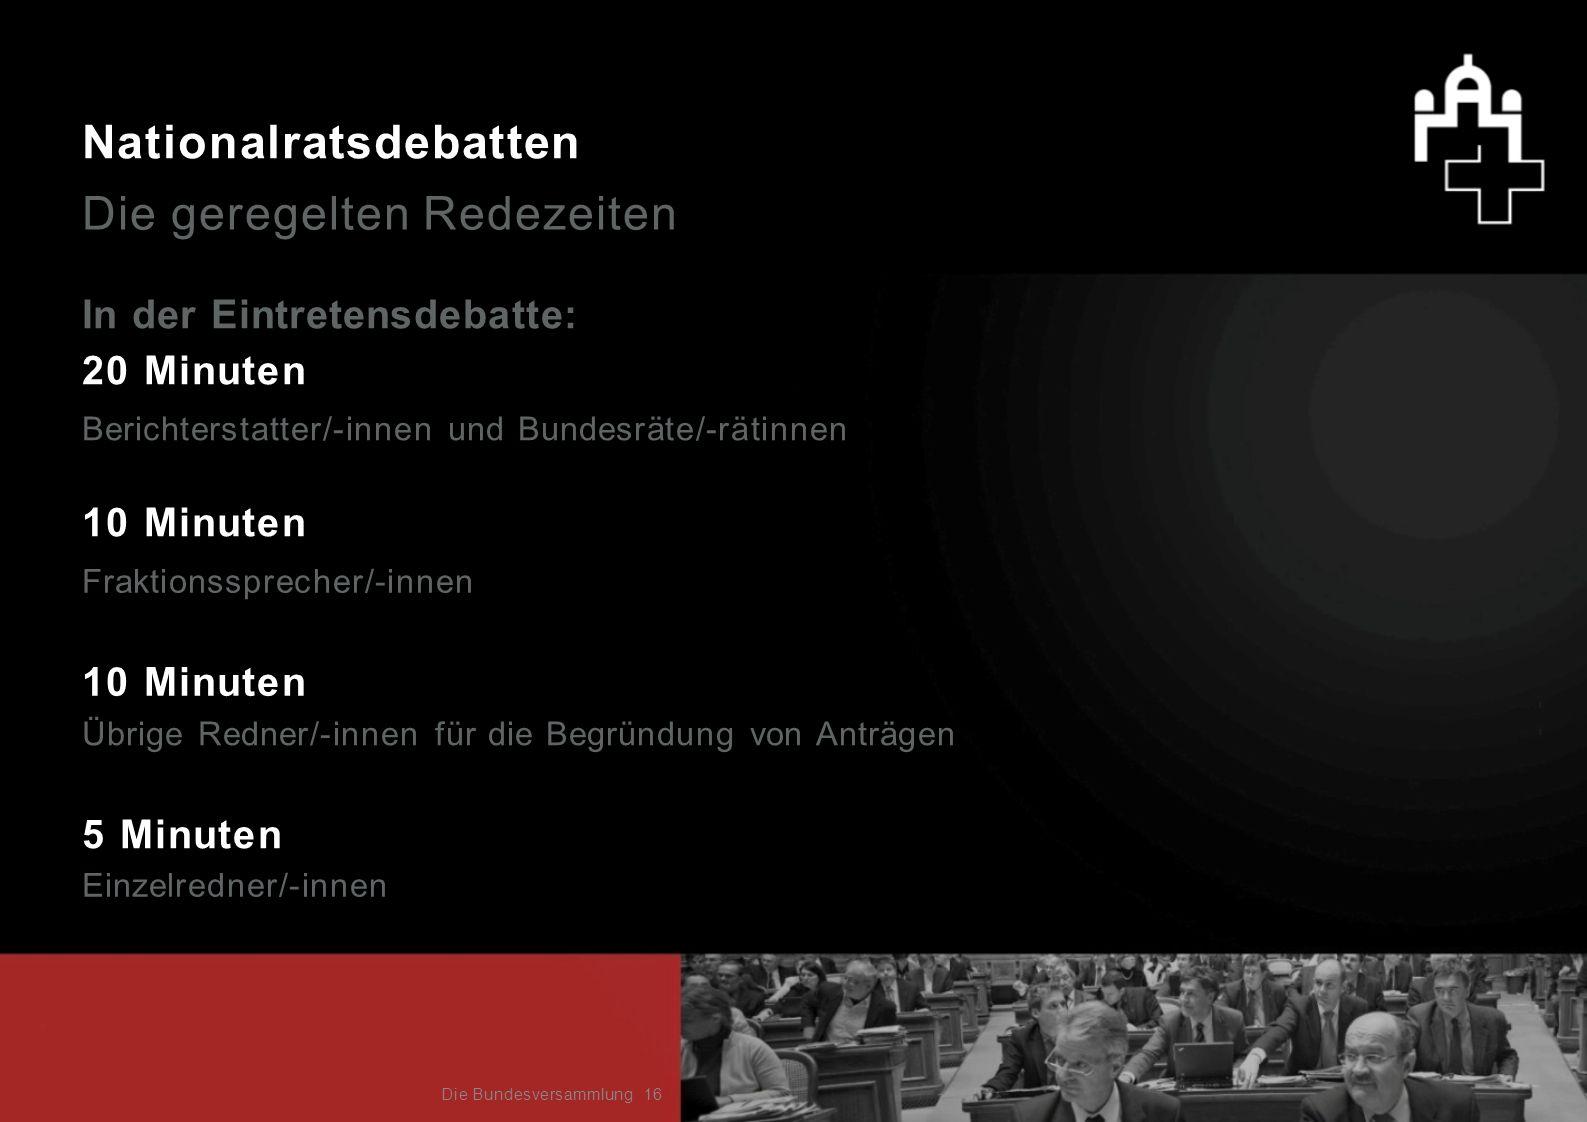 Nationalratsdebatten Die geregelten Redezeiten In der Eintretensdebatte: 20 Minuten 10 Minuten 5 Minuten Fraktionssprecher/-innen Übrige Redner/-innen